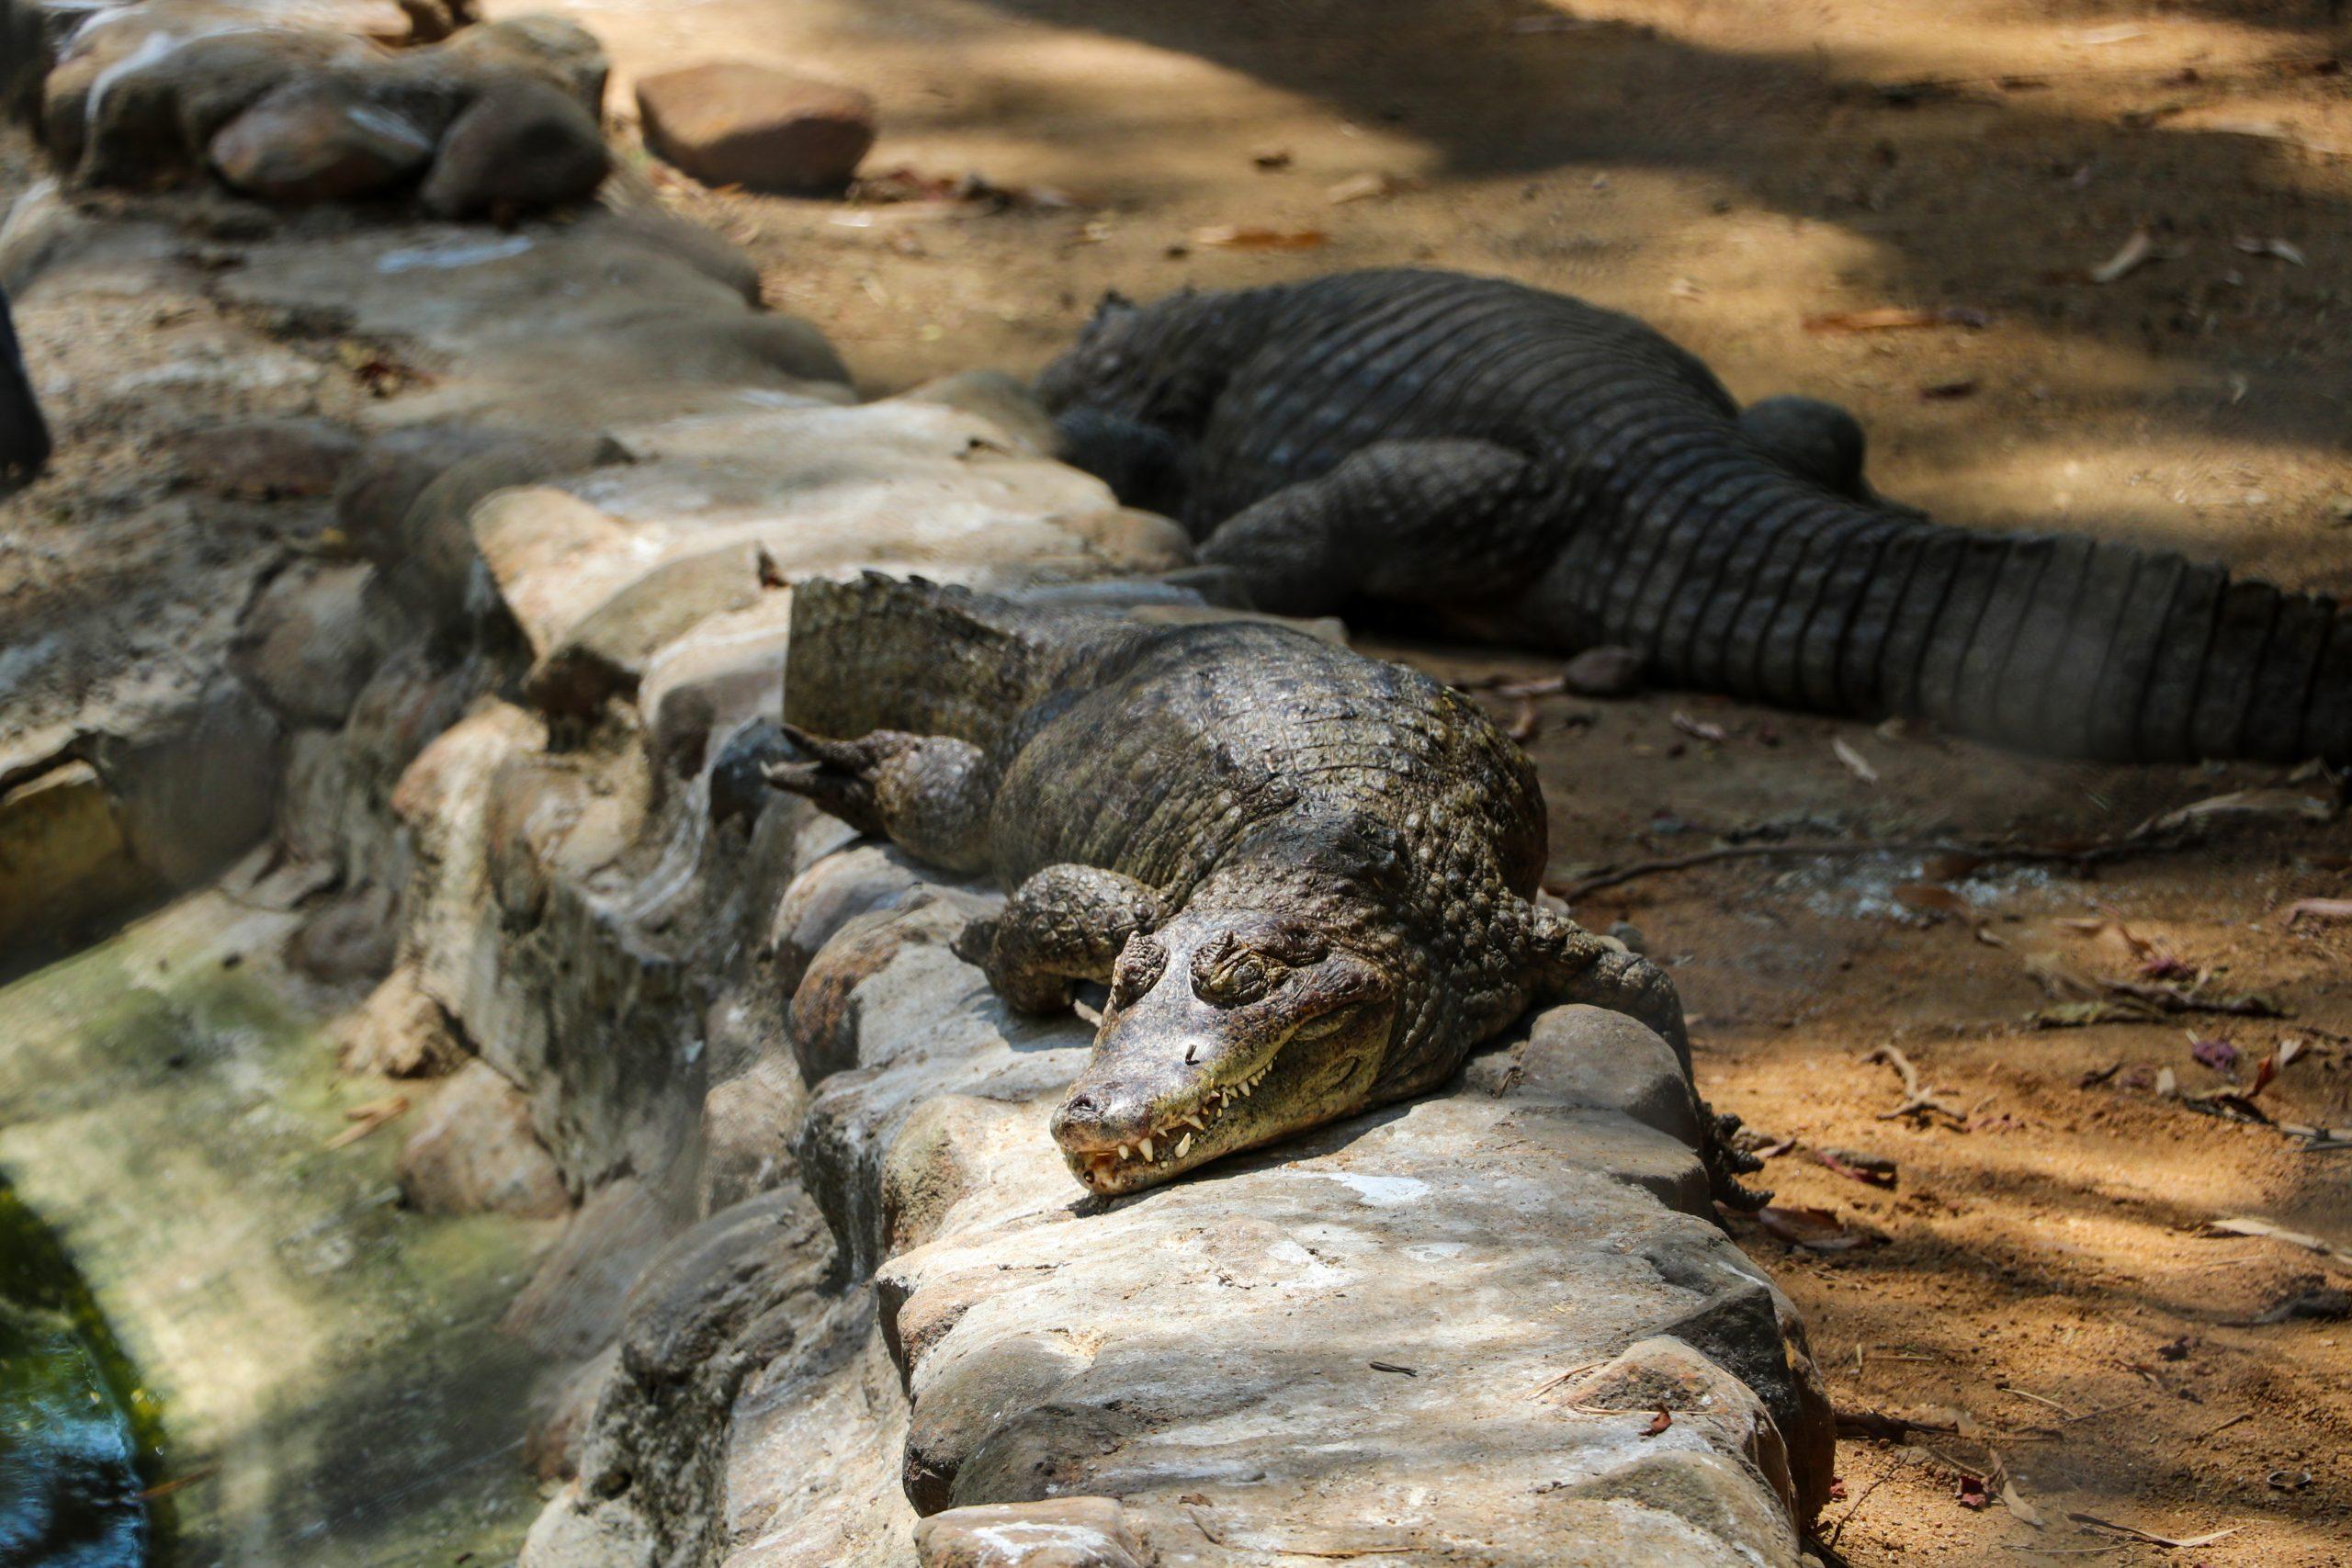 Alligators in a wildlife sanctuary